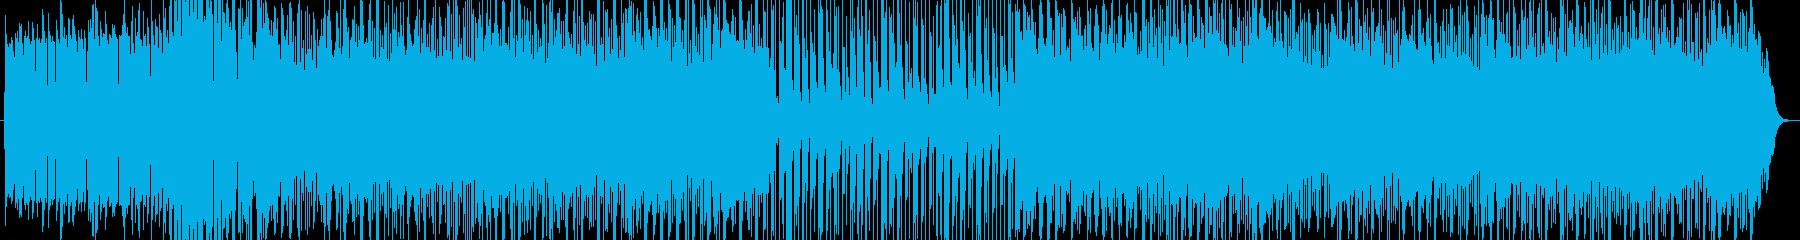 疾走感のあるテクノループ音楽 の再生済みの波形